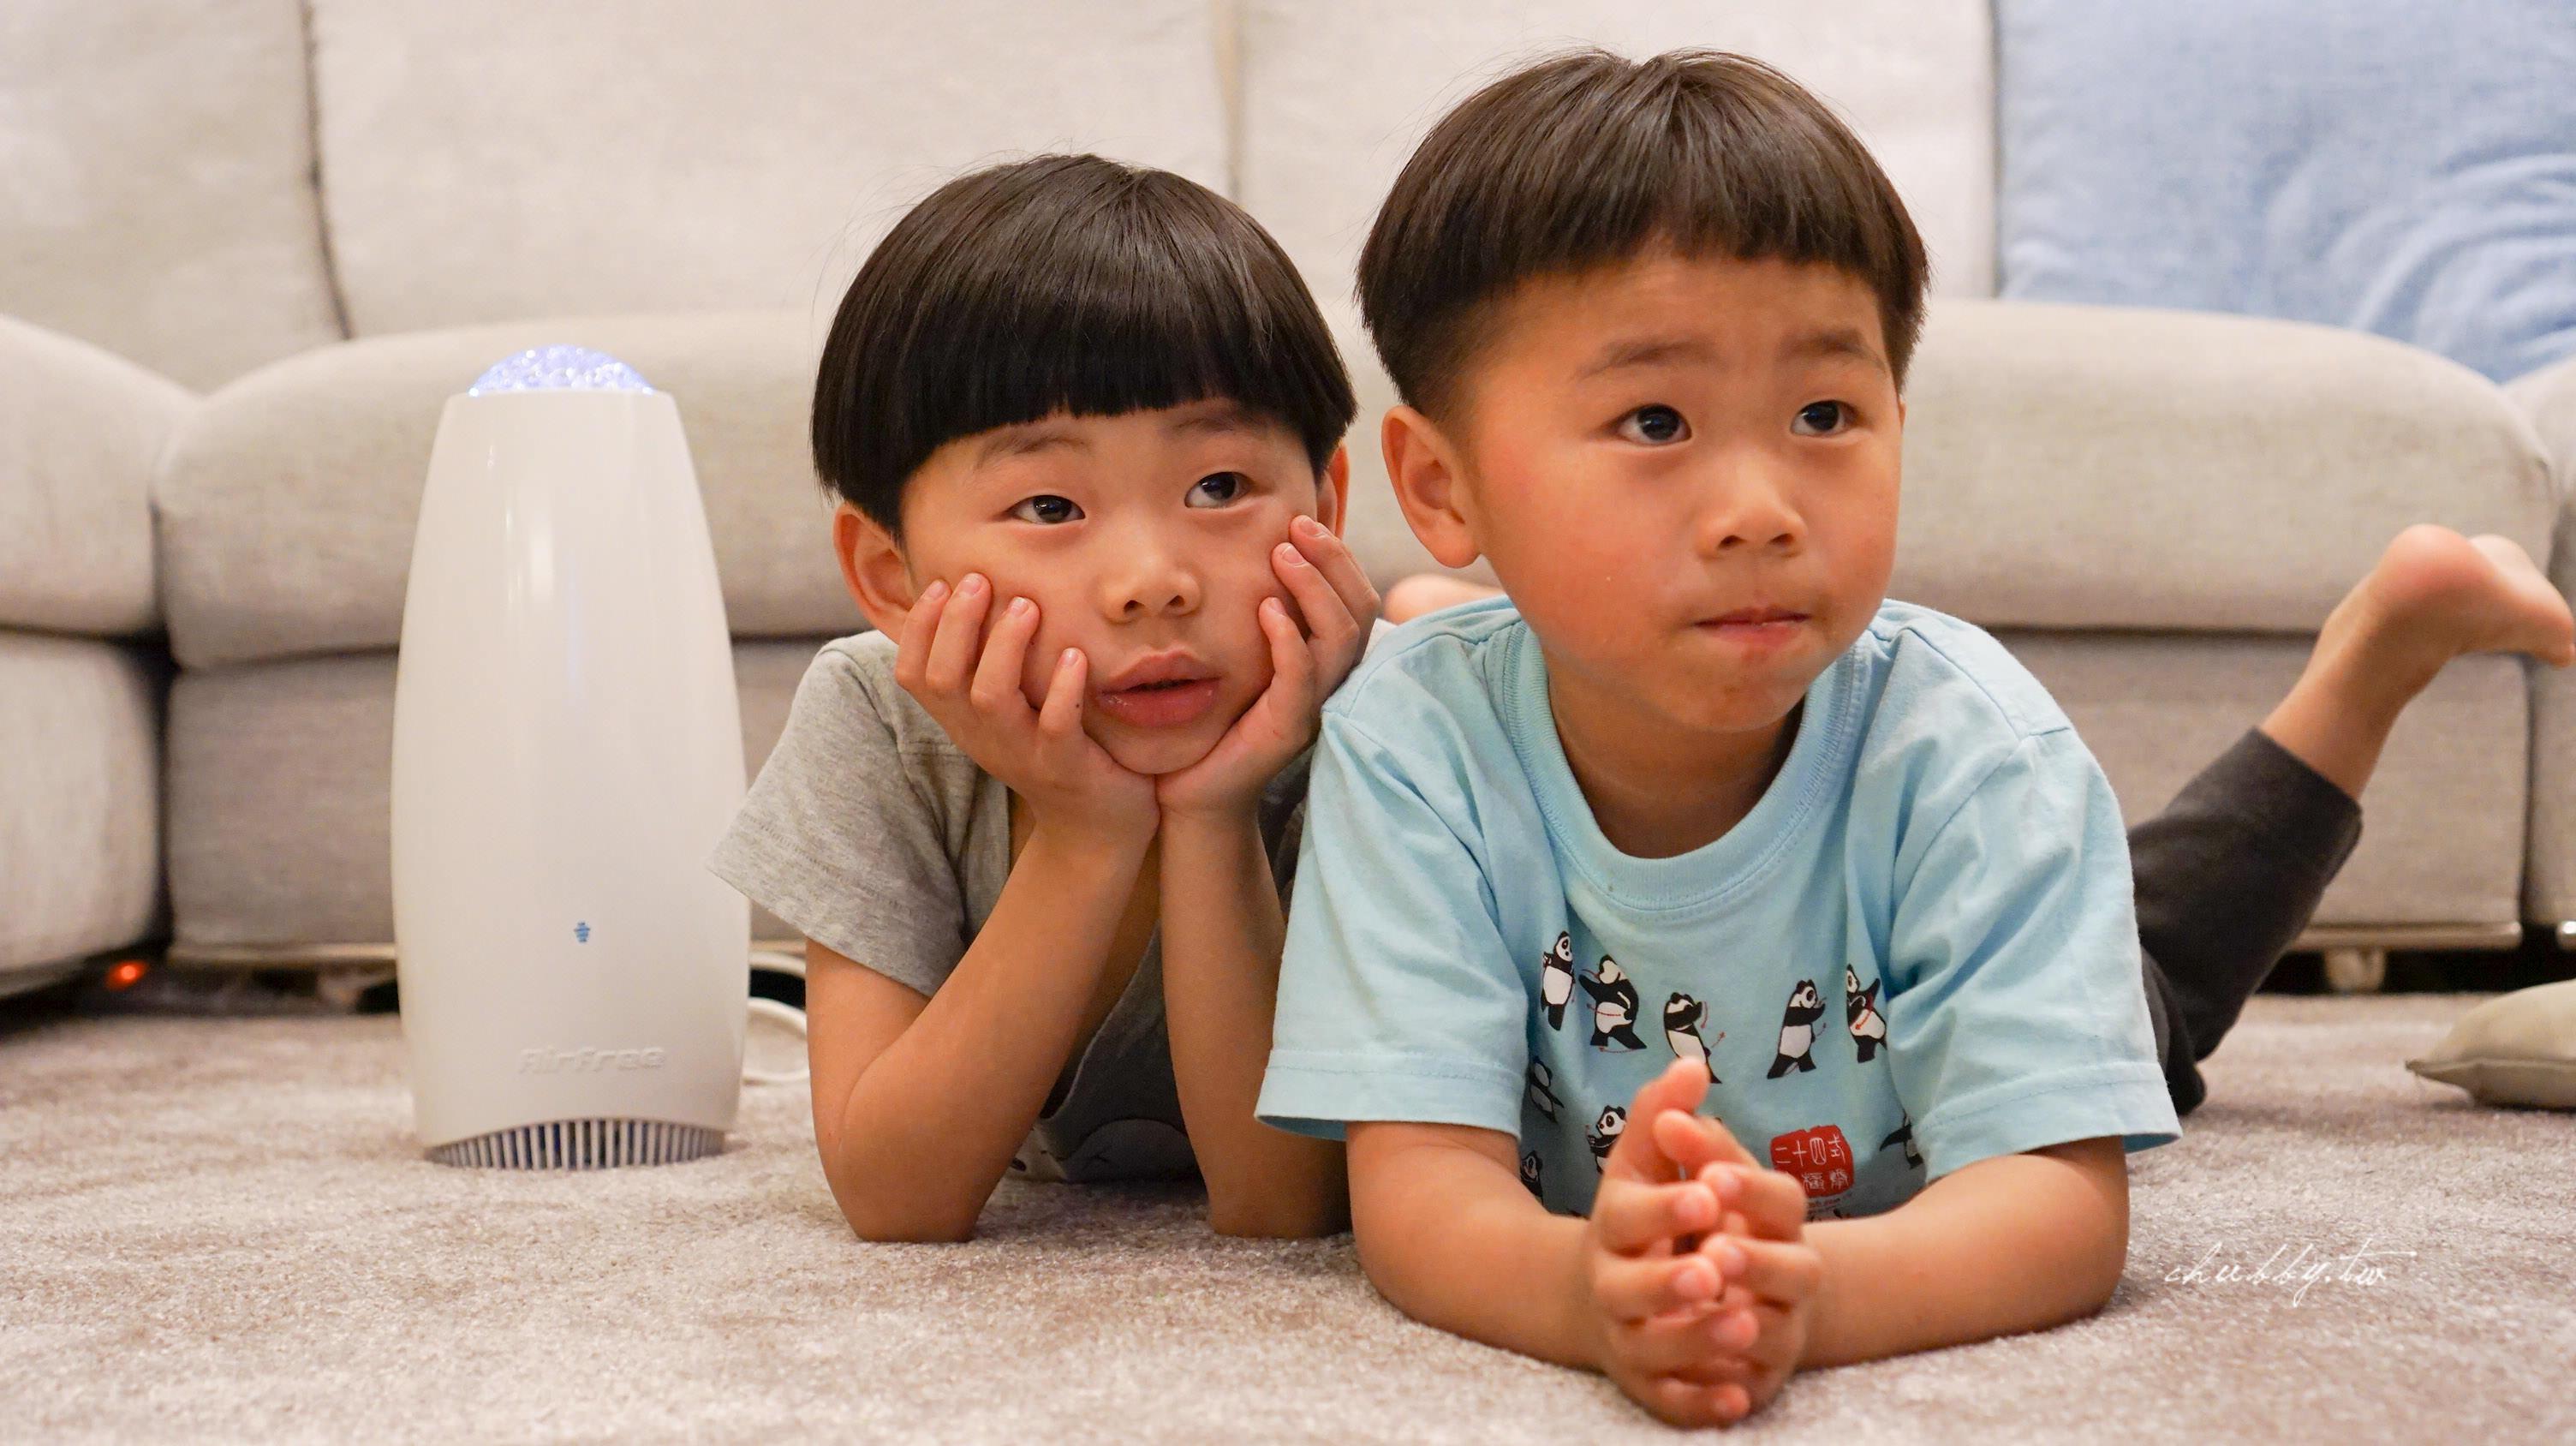 airfree空氣殺菌機實測一個月心得:兒童房必備的空氣殺菌機